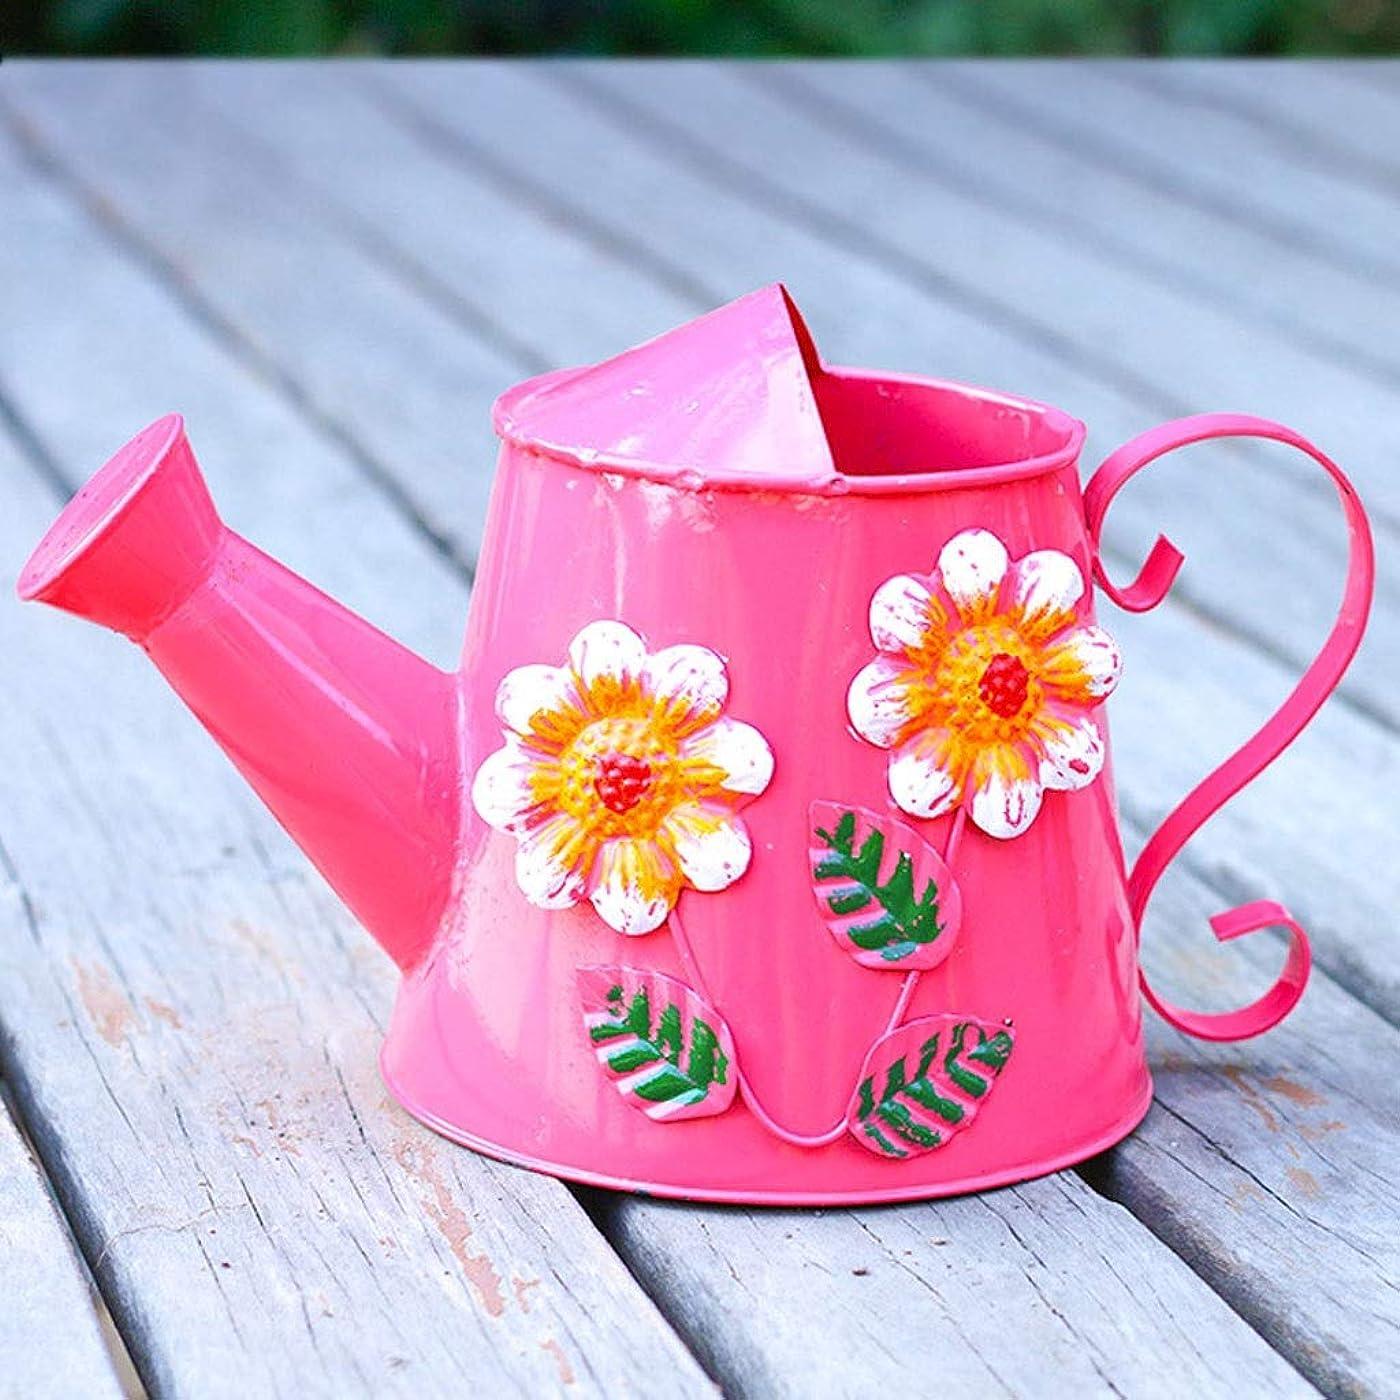 計画モルヒネブッシュ水耕栽培および自動屋内ガーデニングポット 家庭用の水まきの色錫じょうろ、ヴィンテージ印刷じょうろ、じょうろ花スプレーじょうろ(赤、3L) じょうろ